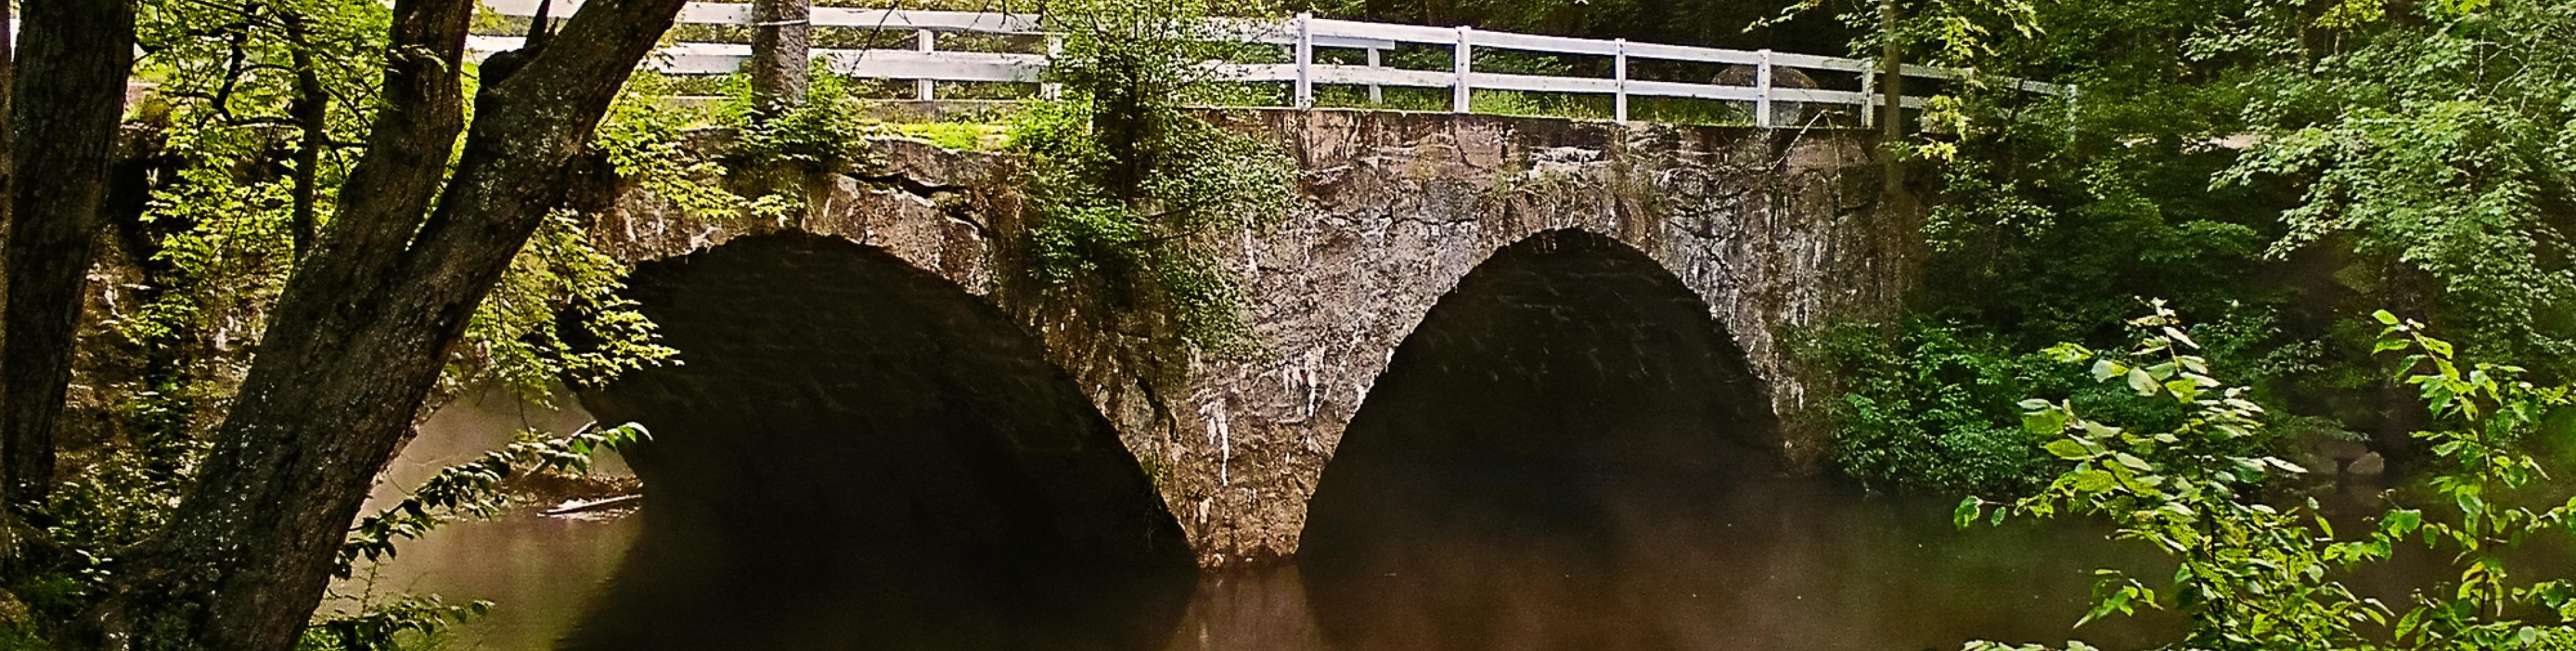 Historic Stone Bridge in Keene